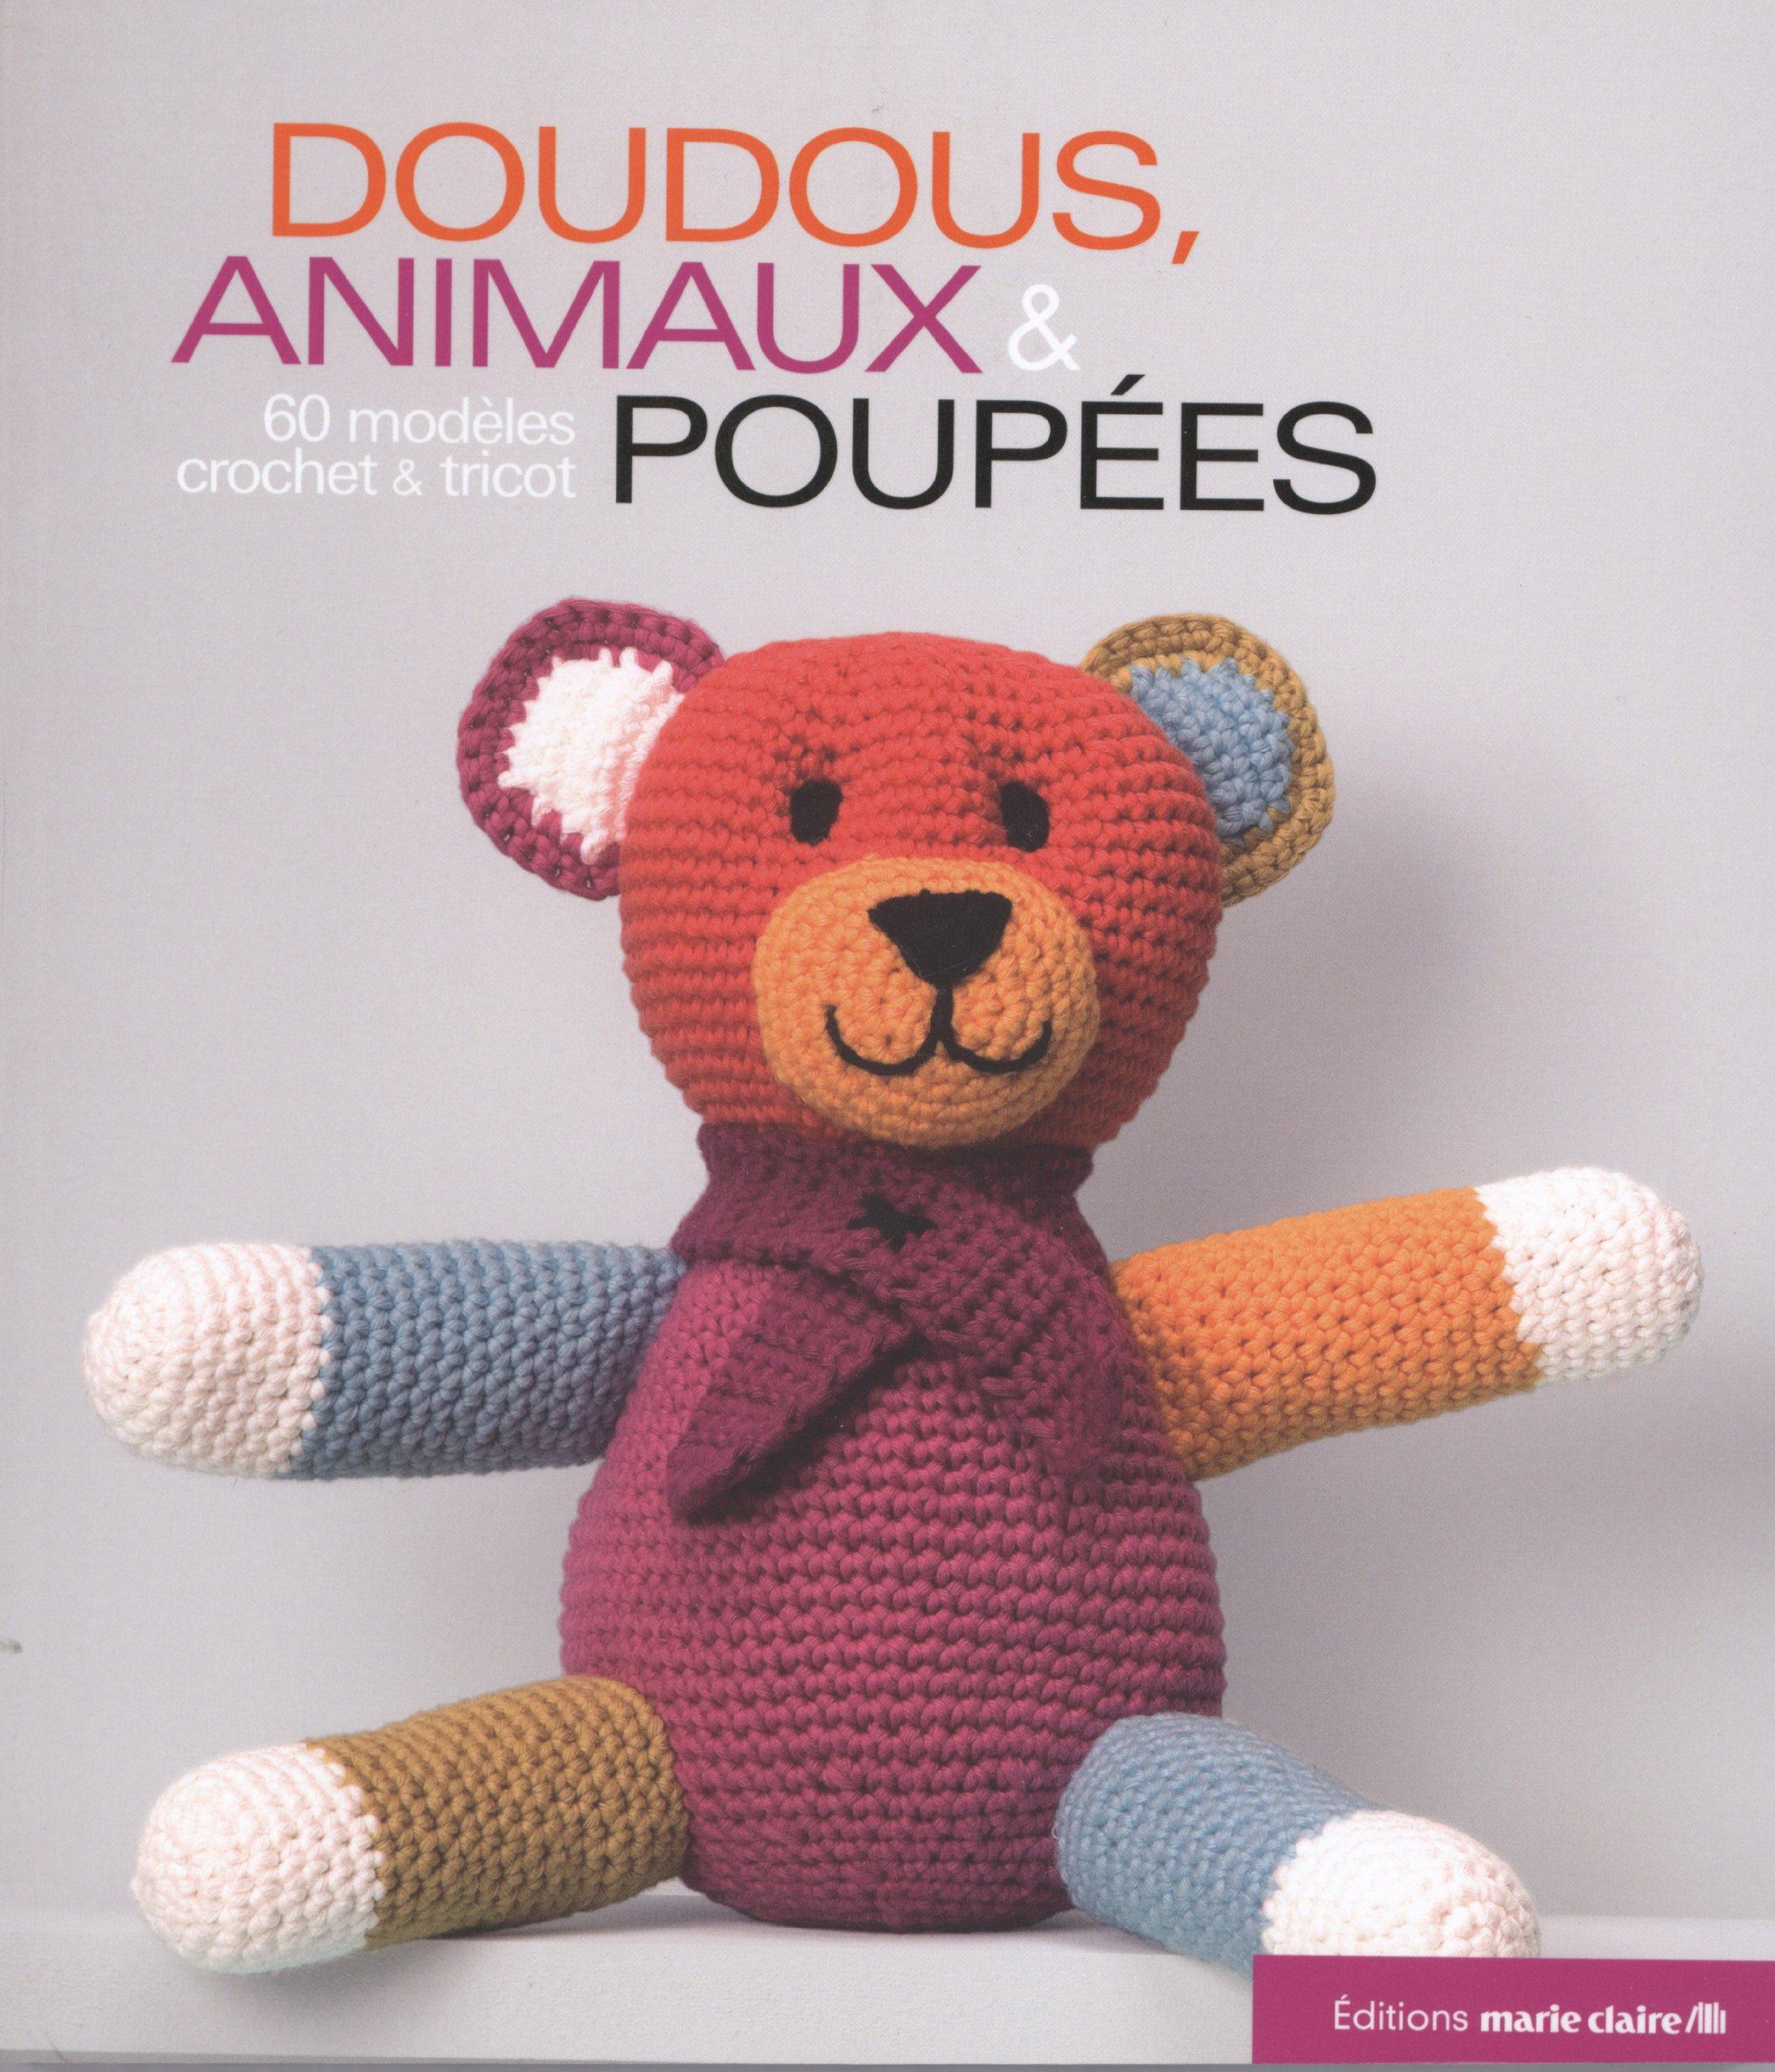 Hervorragend Amazon.fr - Doudous animaux et poupées - Collectif - Livres KX69